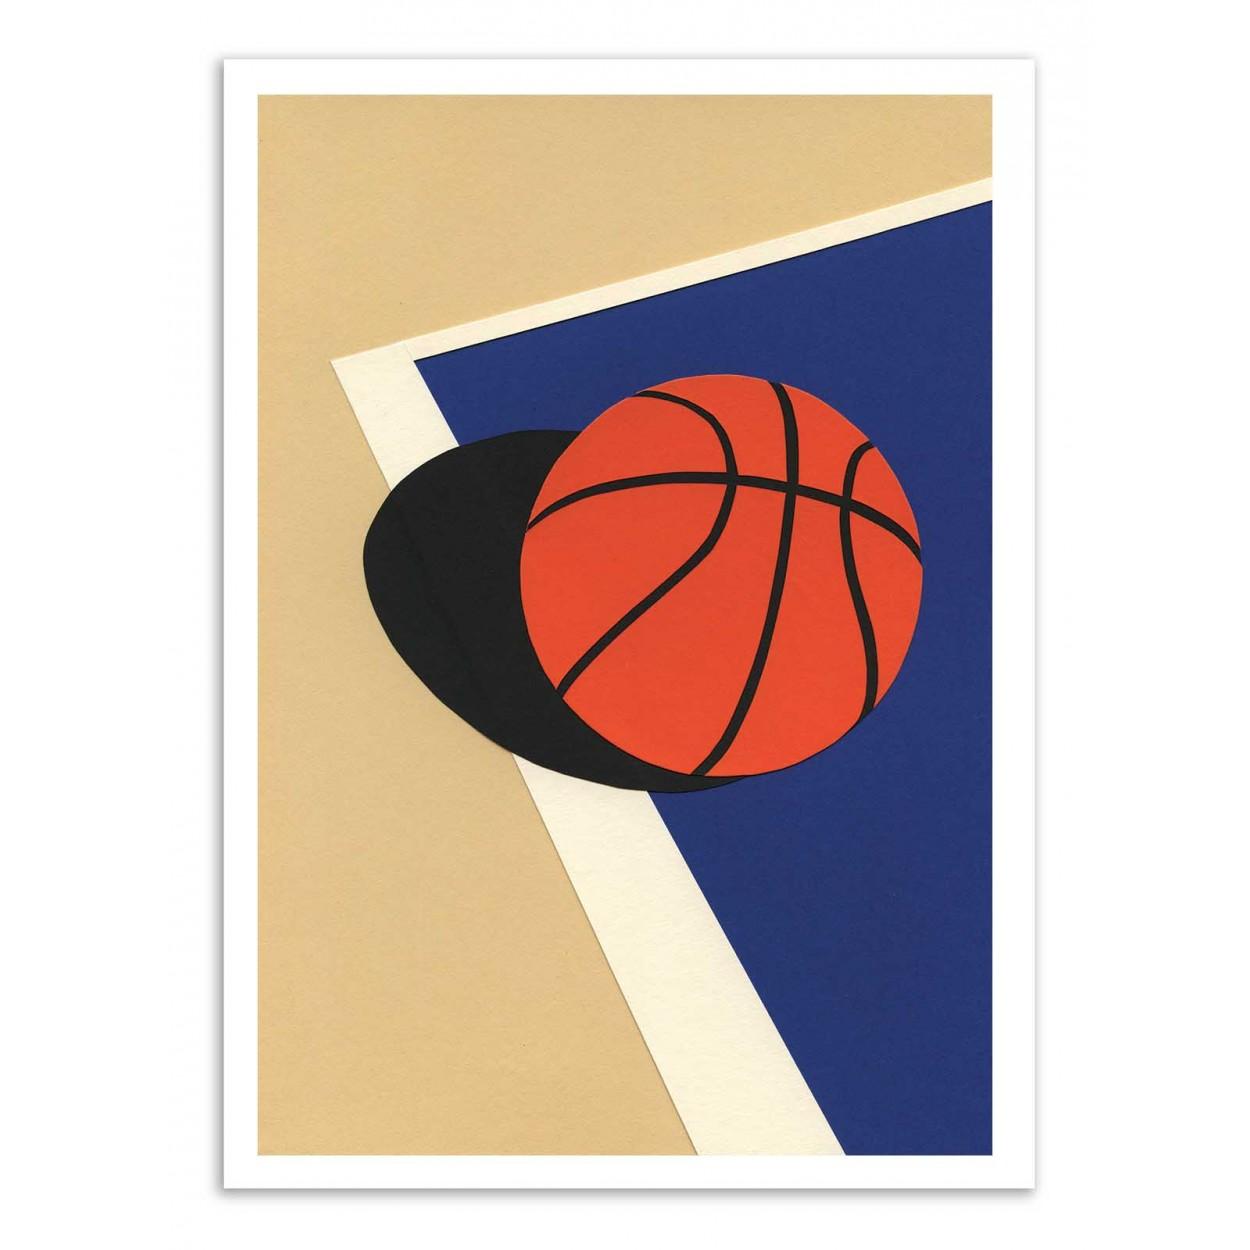 OAKLAND BASKETBALL TEAM VERSION 2 - Affiche d'art 50 x 70 cm